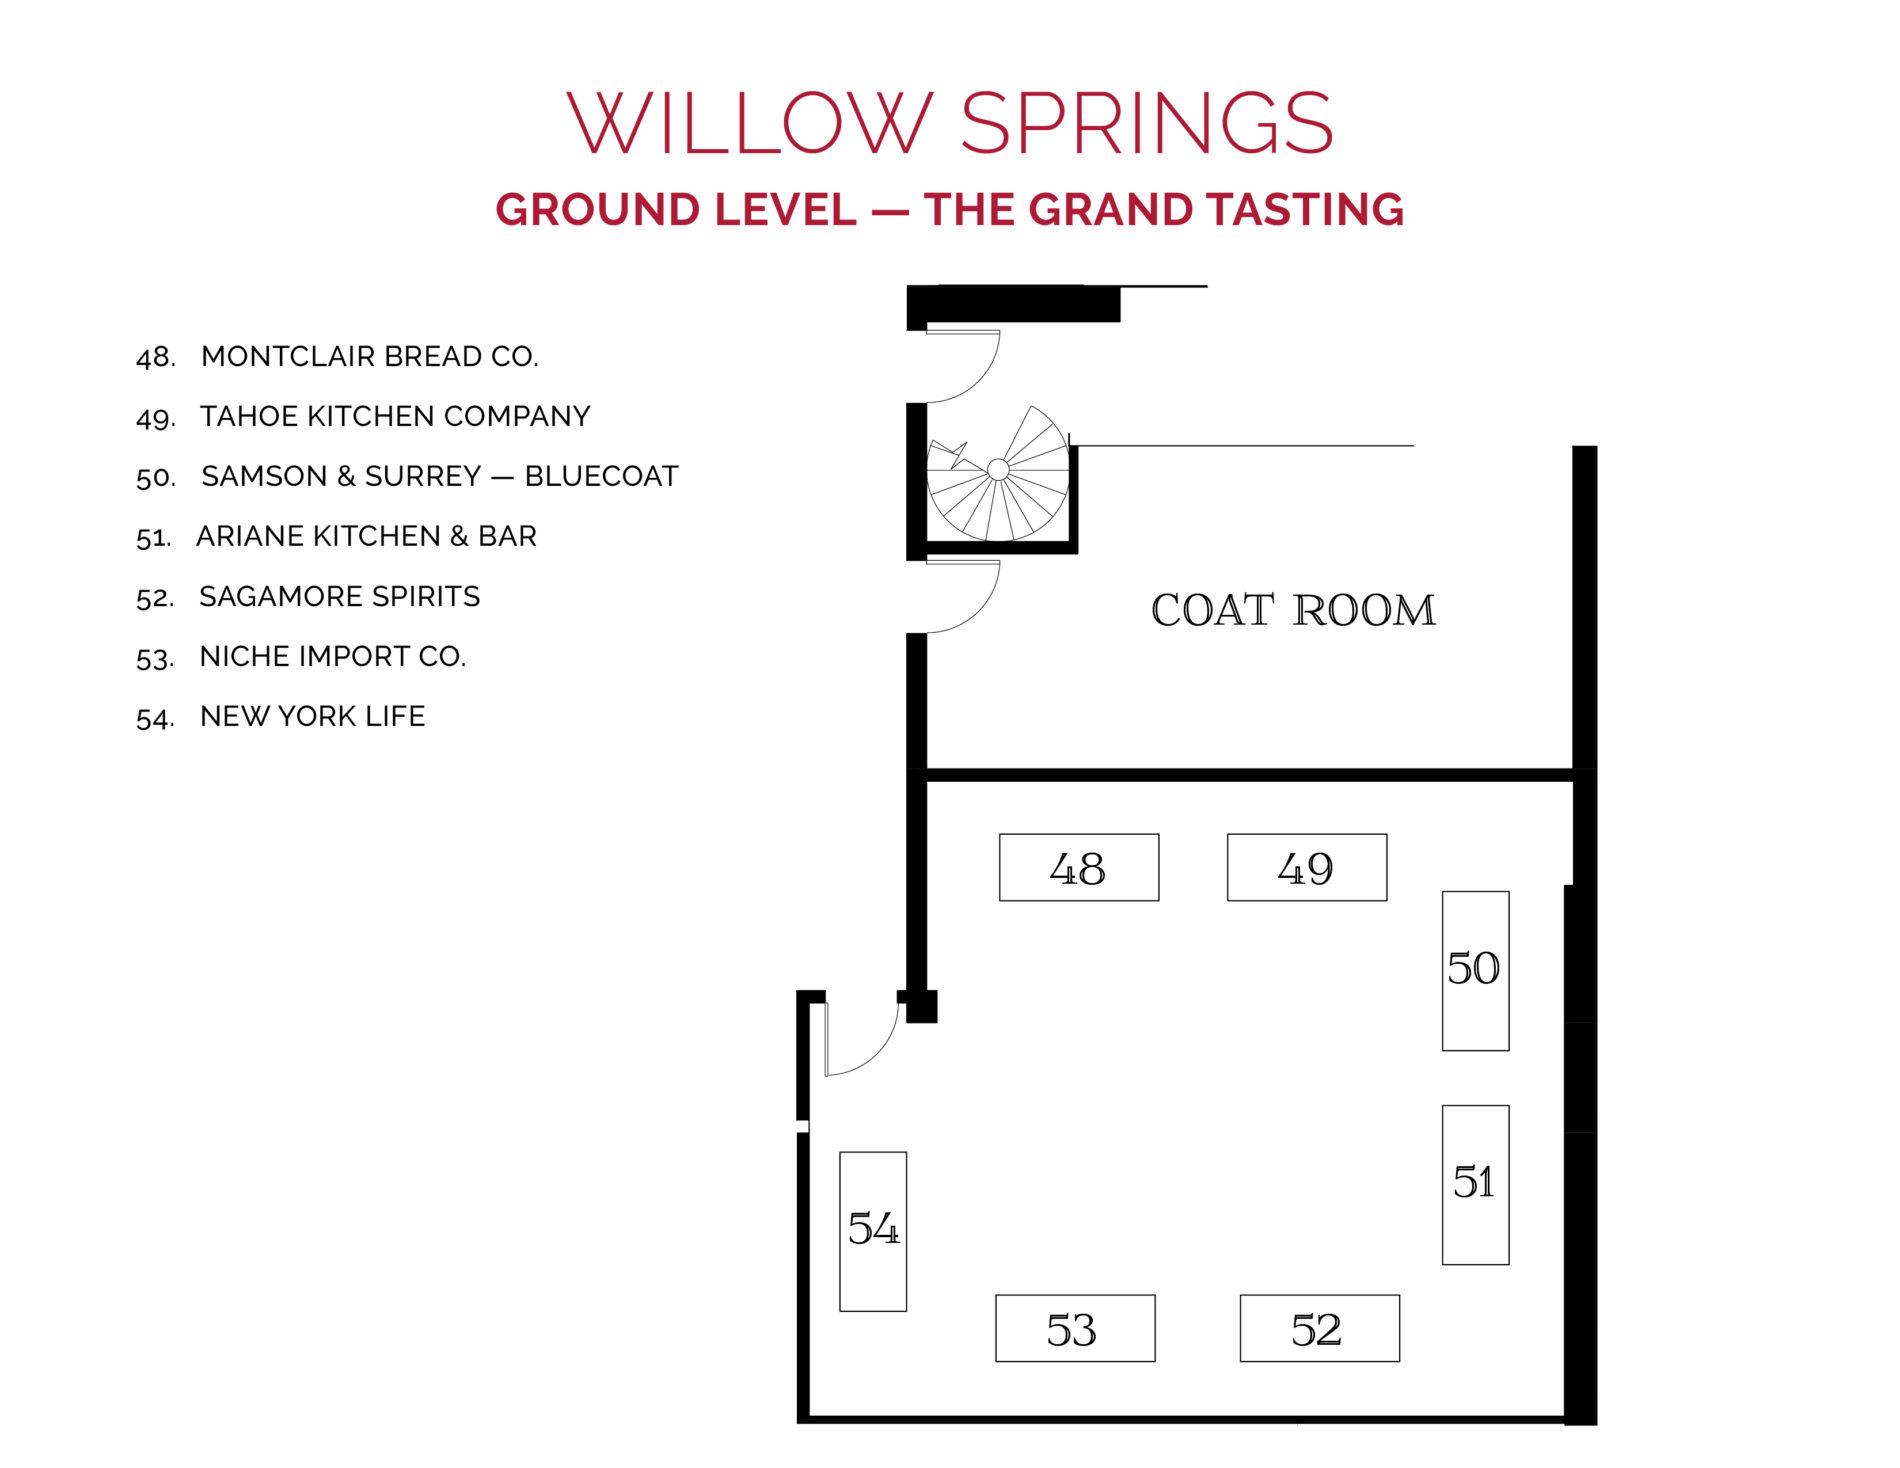 NJWFF Floorplan 2019 Willow Springs